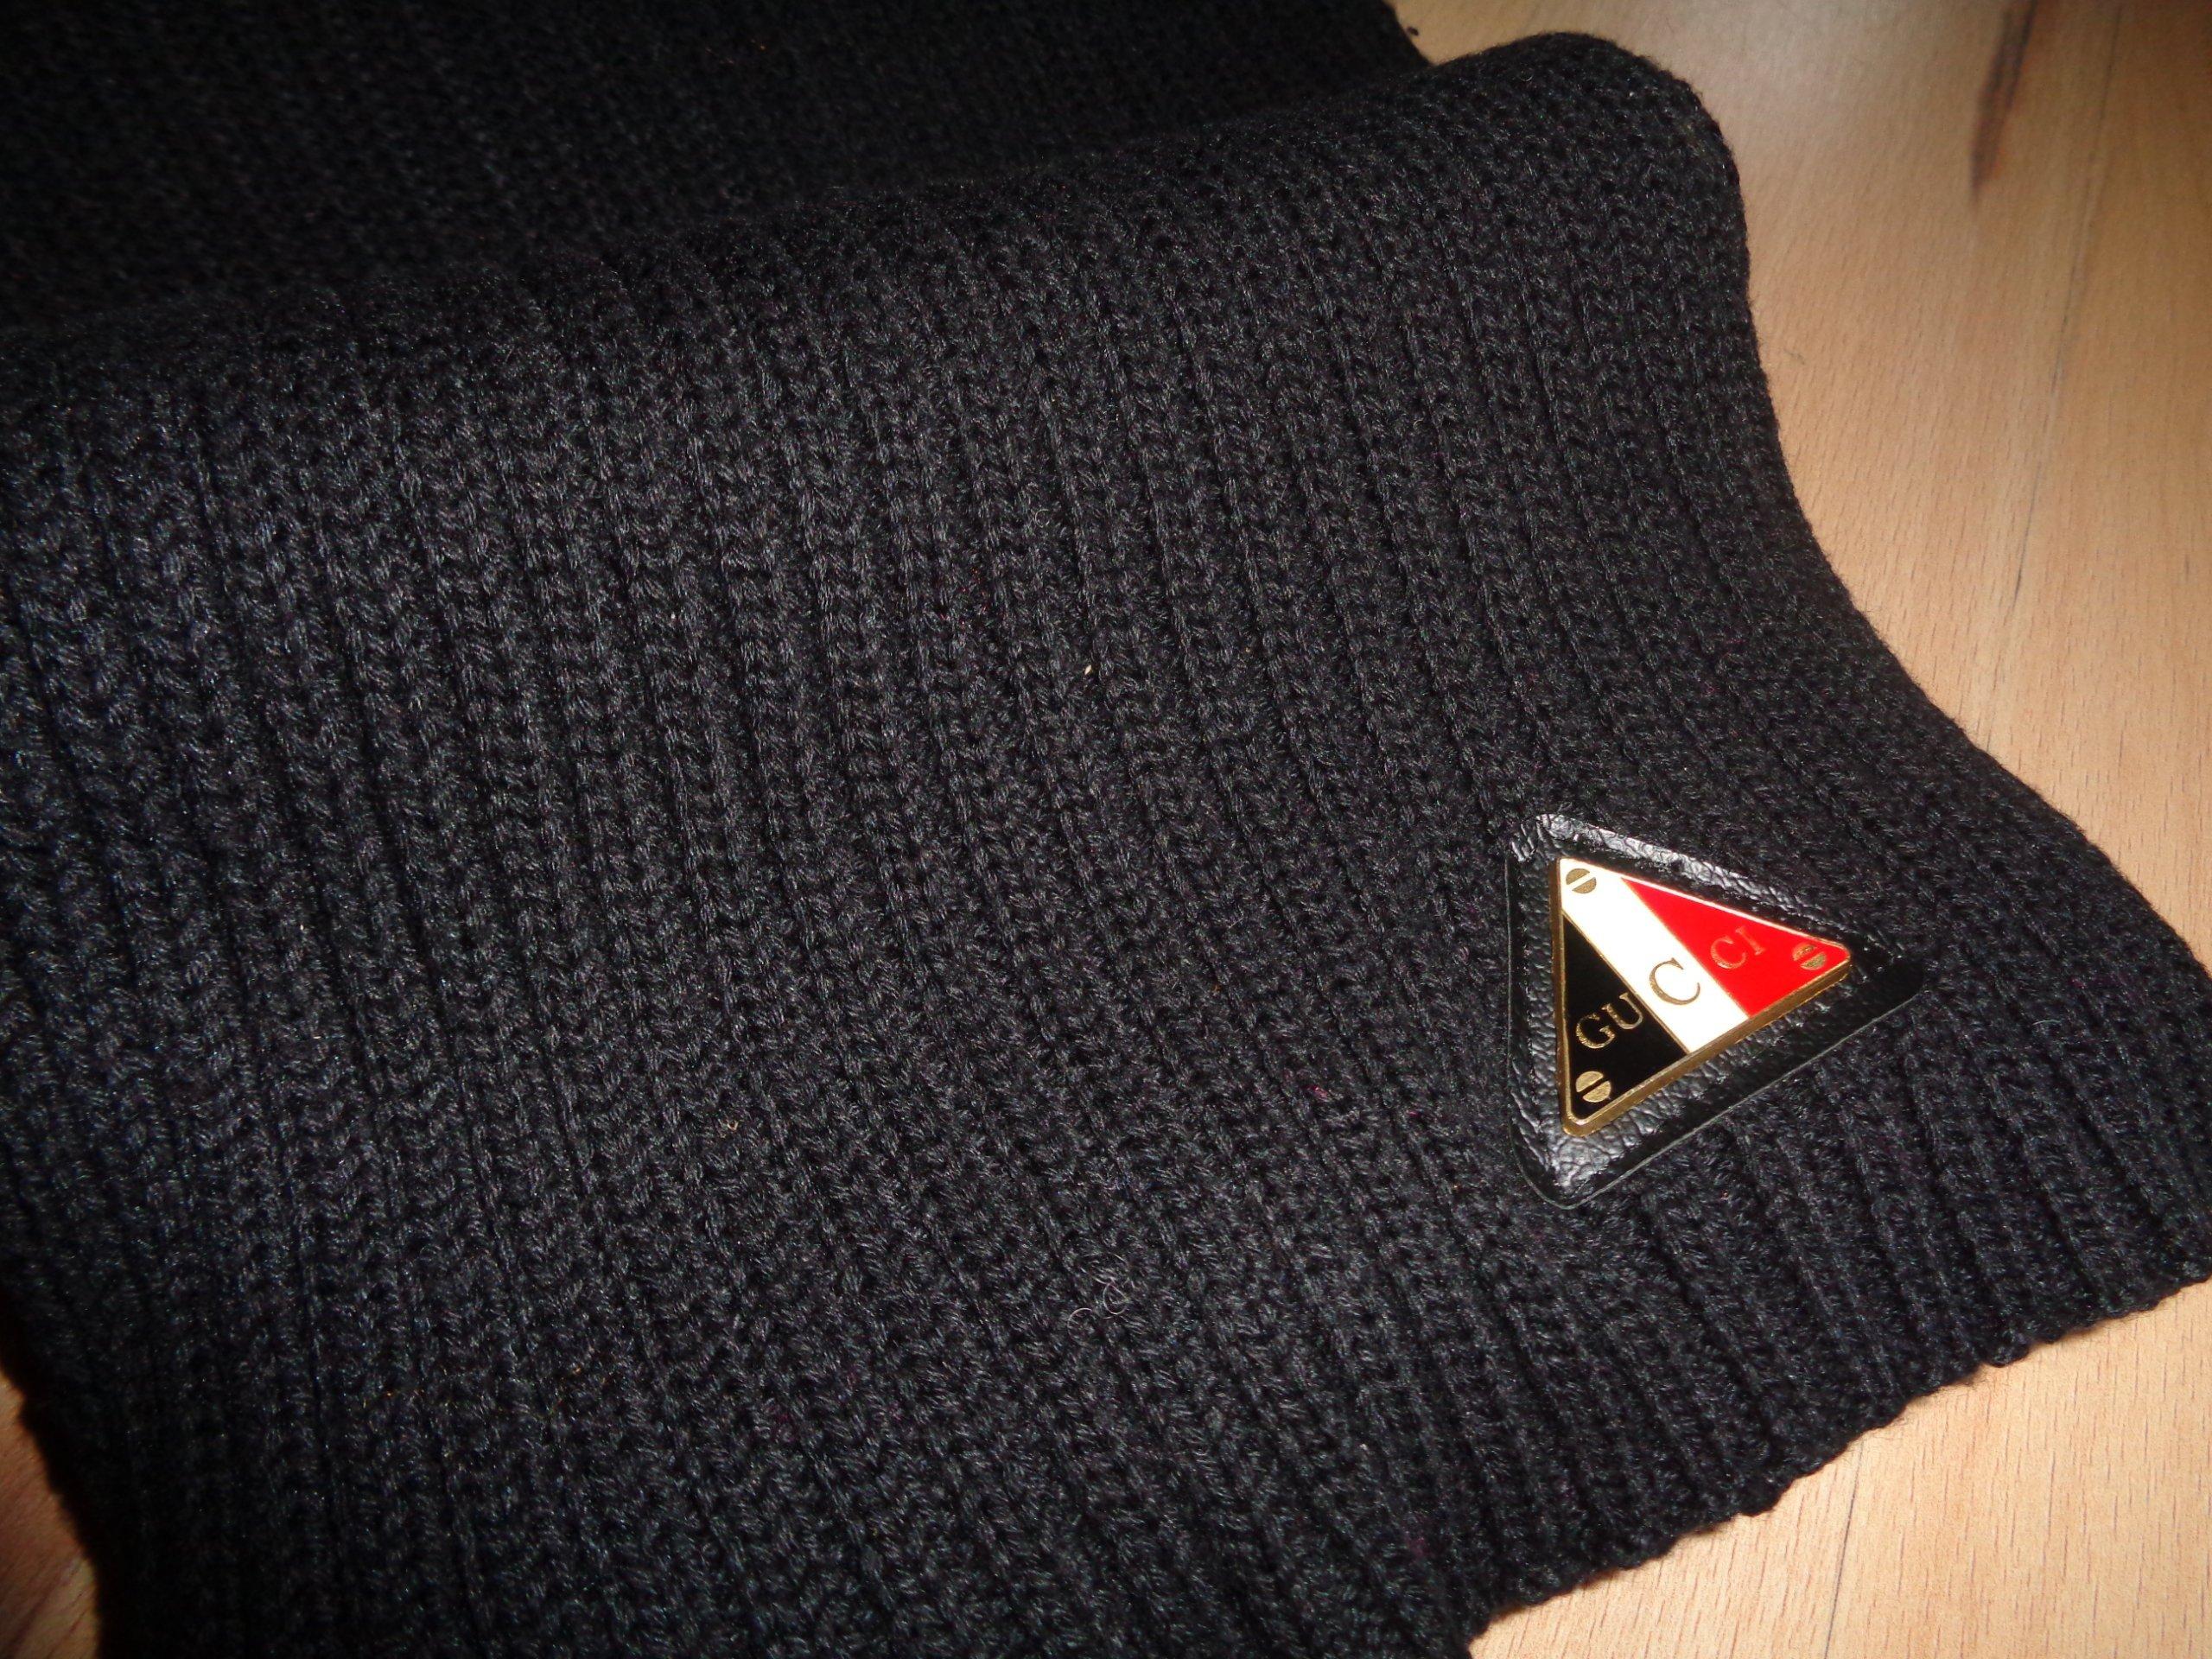 e60325199fab3 GUCCI - oryginalny czarny męski szal szalik OKAZJA - 7163504065 ...